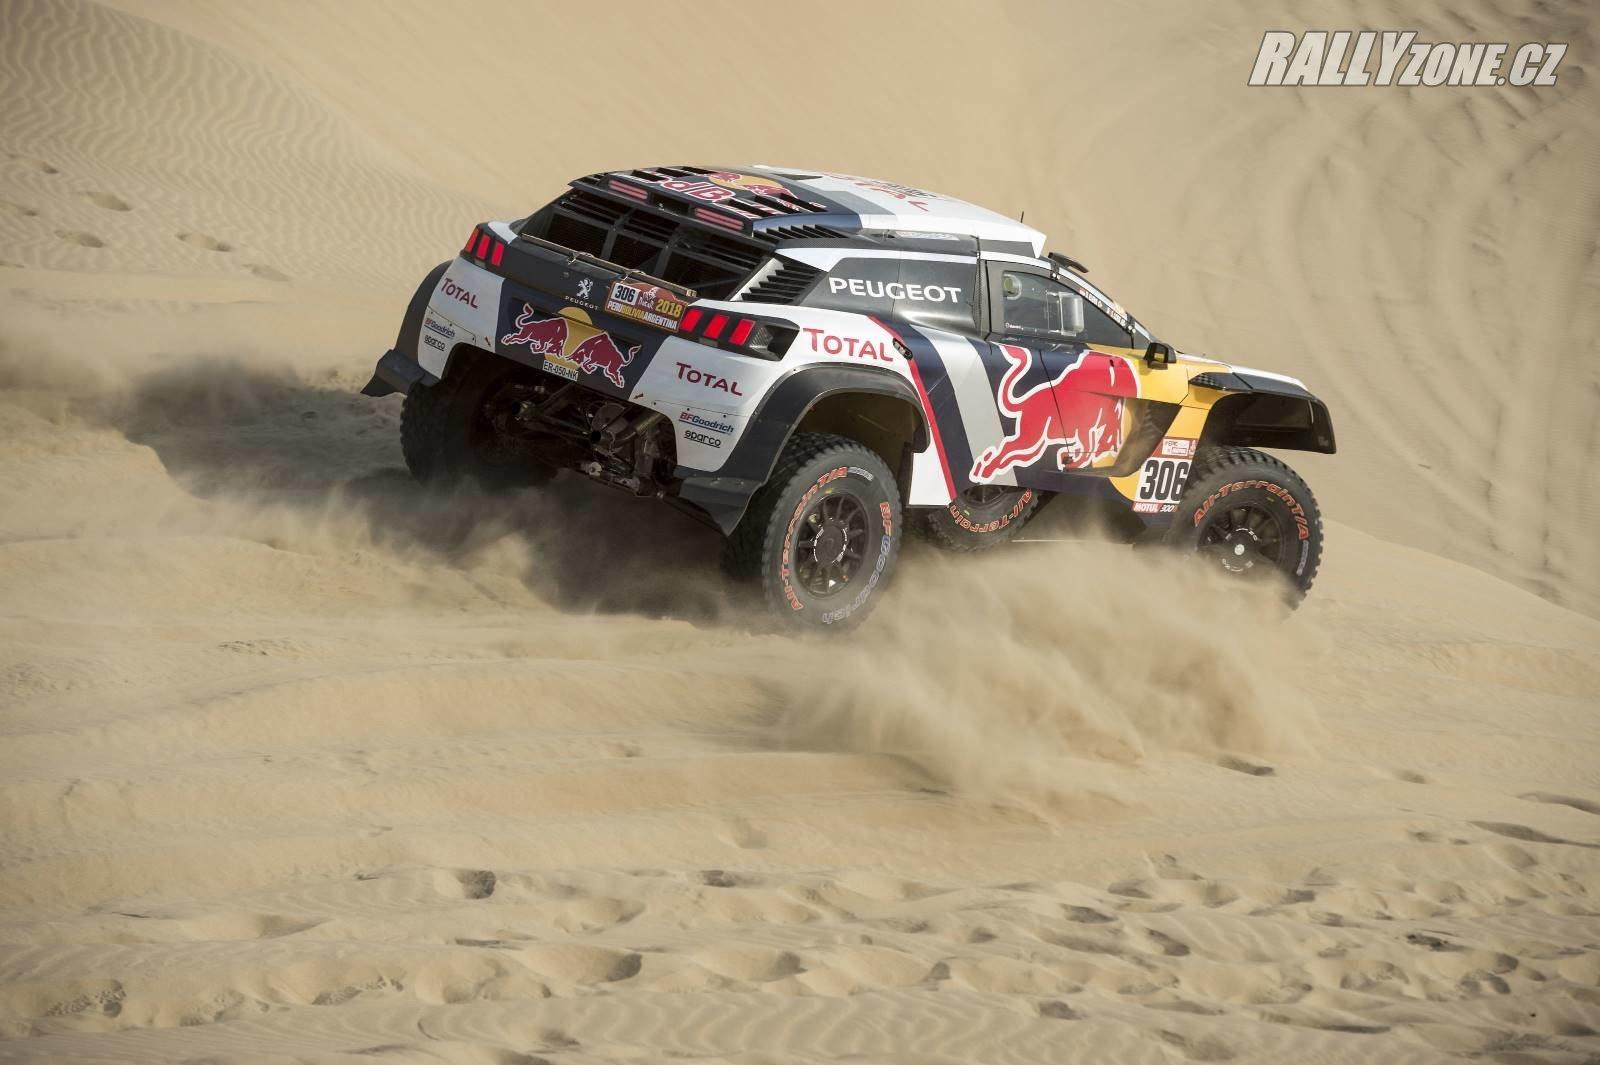 Na Dakaru se Loebovi s továrně nasazeným Peugeotem zvítězit nepodařilo. Poštěstí se mu v roce 2019 s Peugeotem nasazeným PH Sportem?